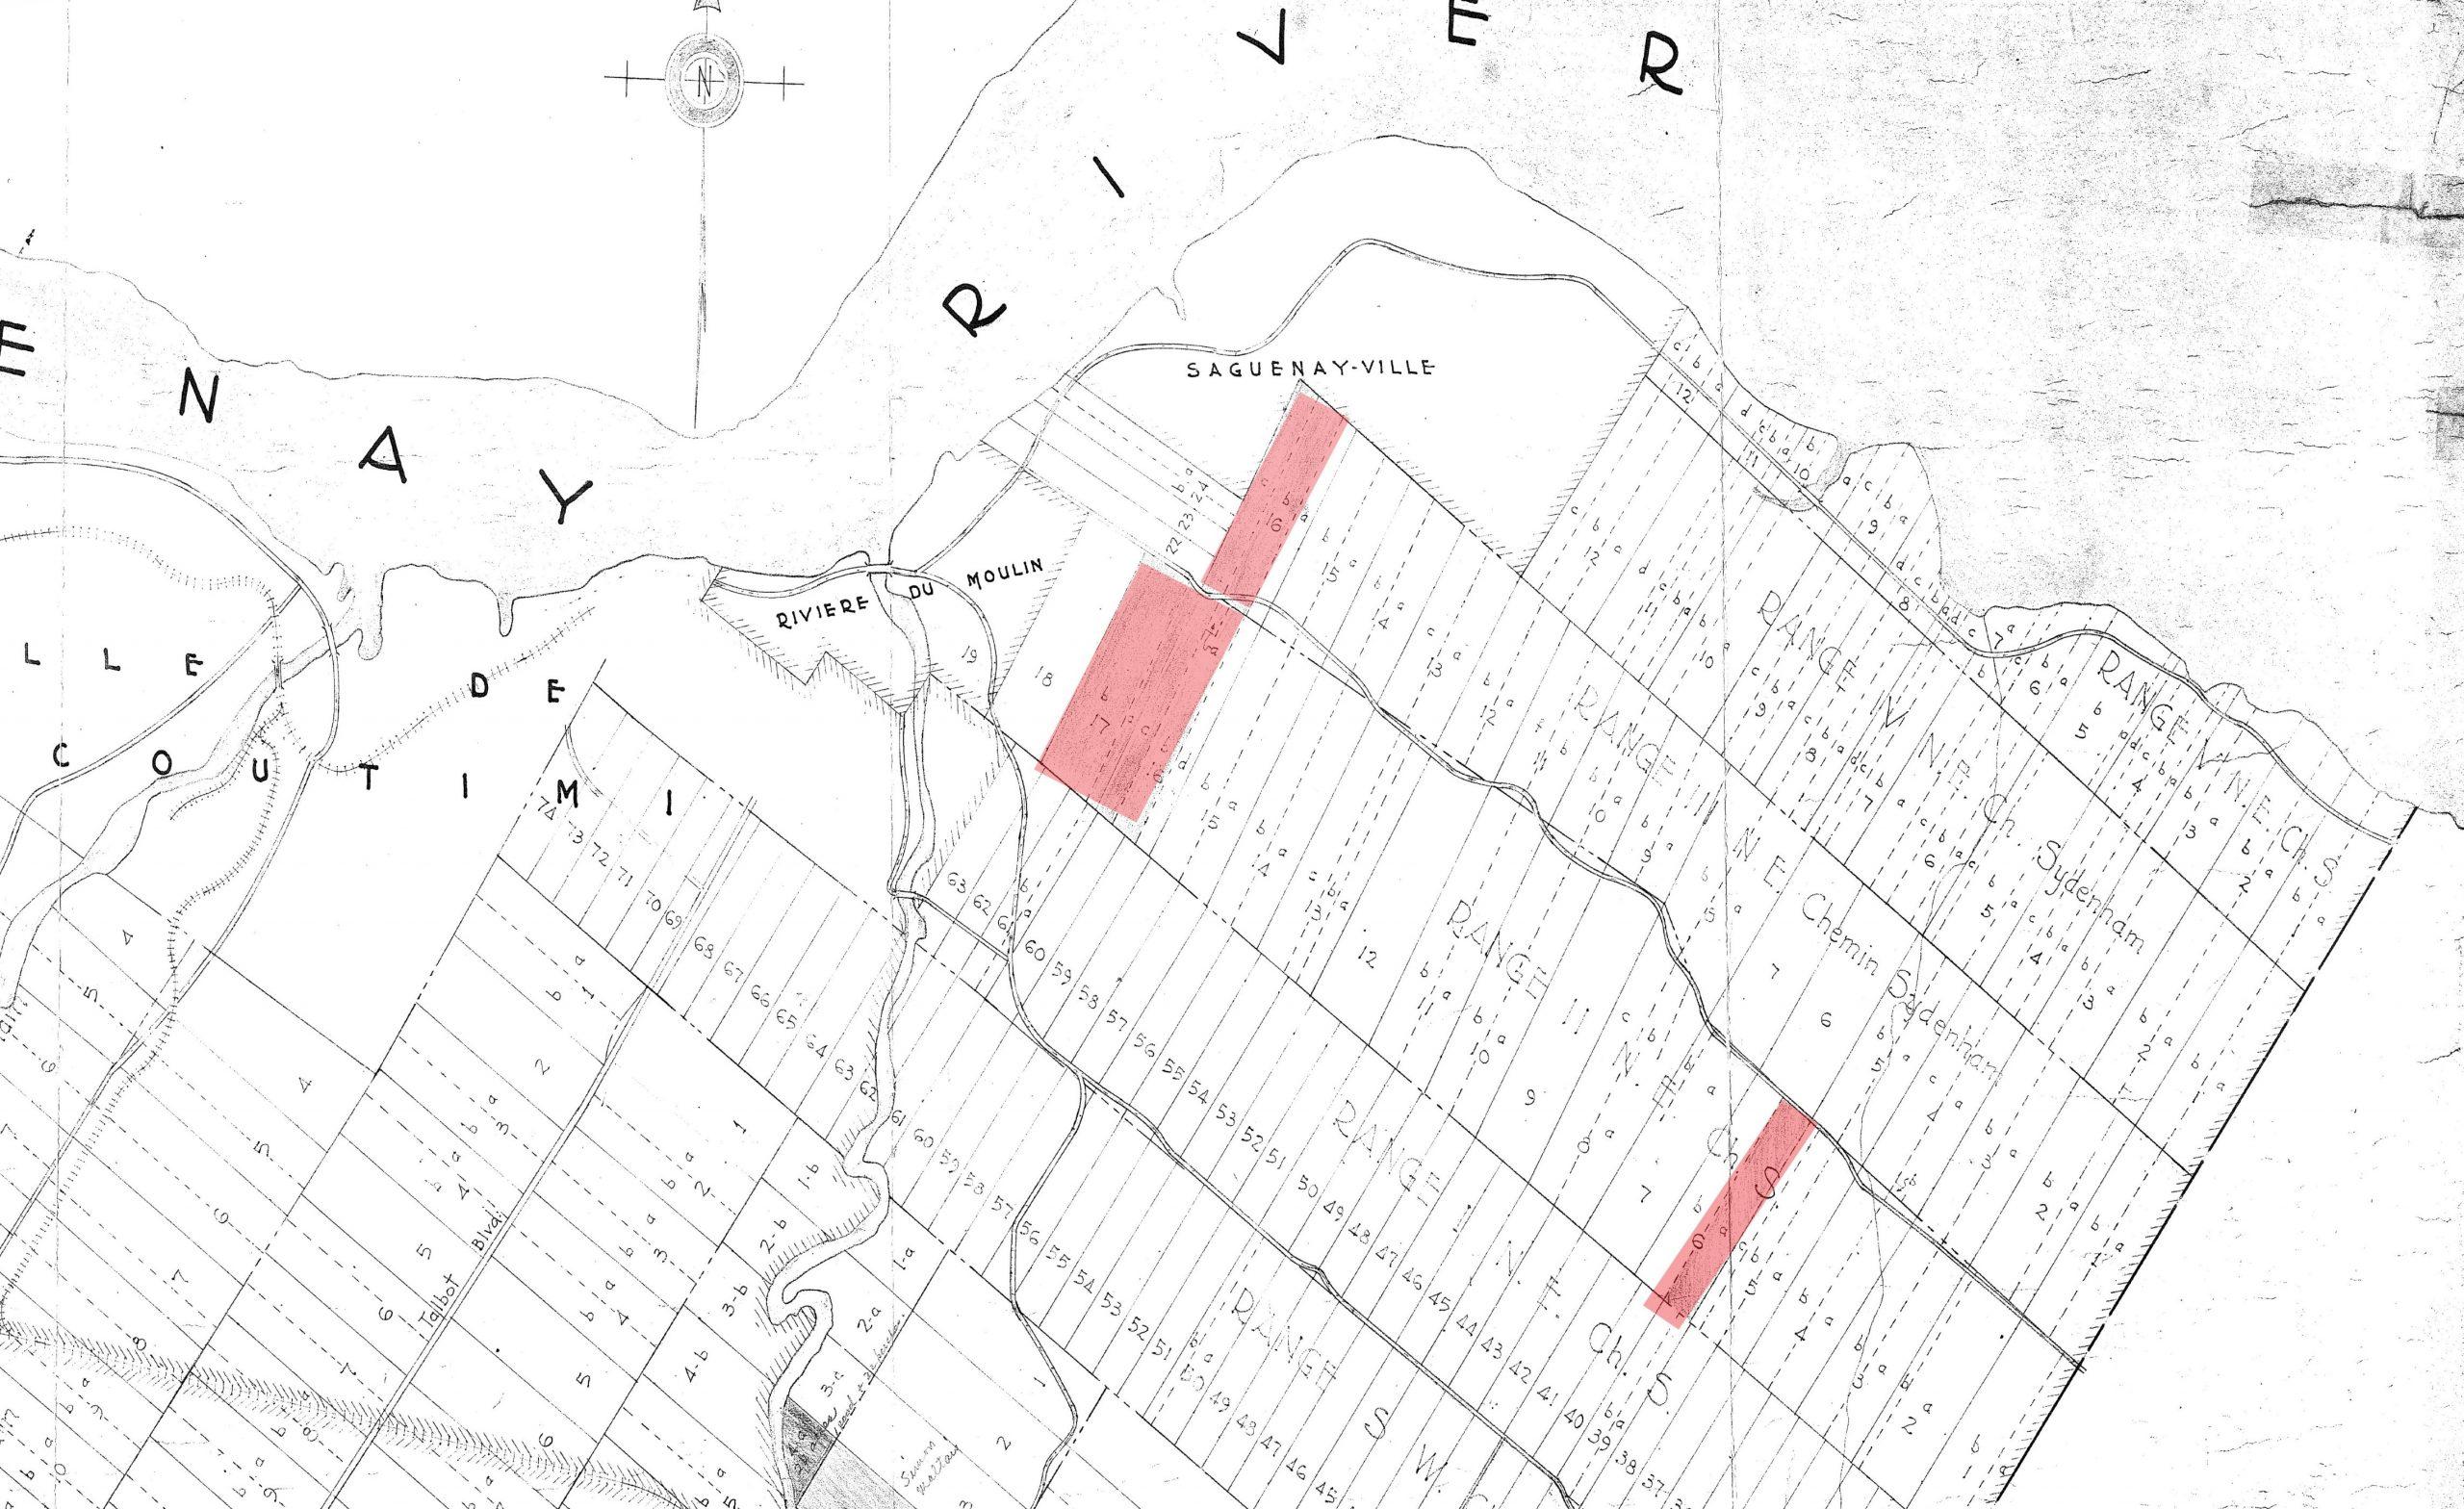 plan en noir et blanc de lot de terres, avec des sections en couleur rouge.